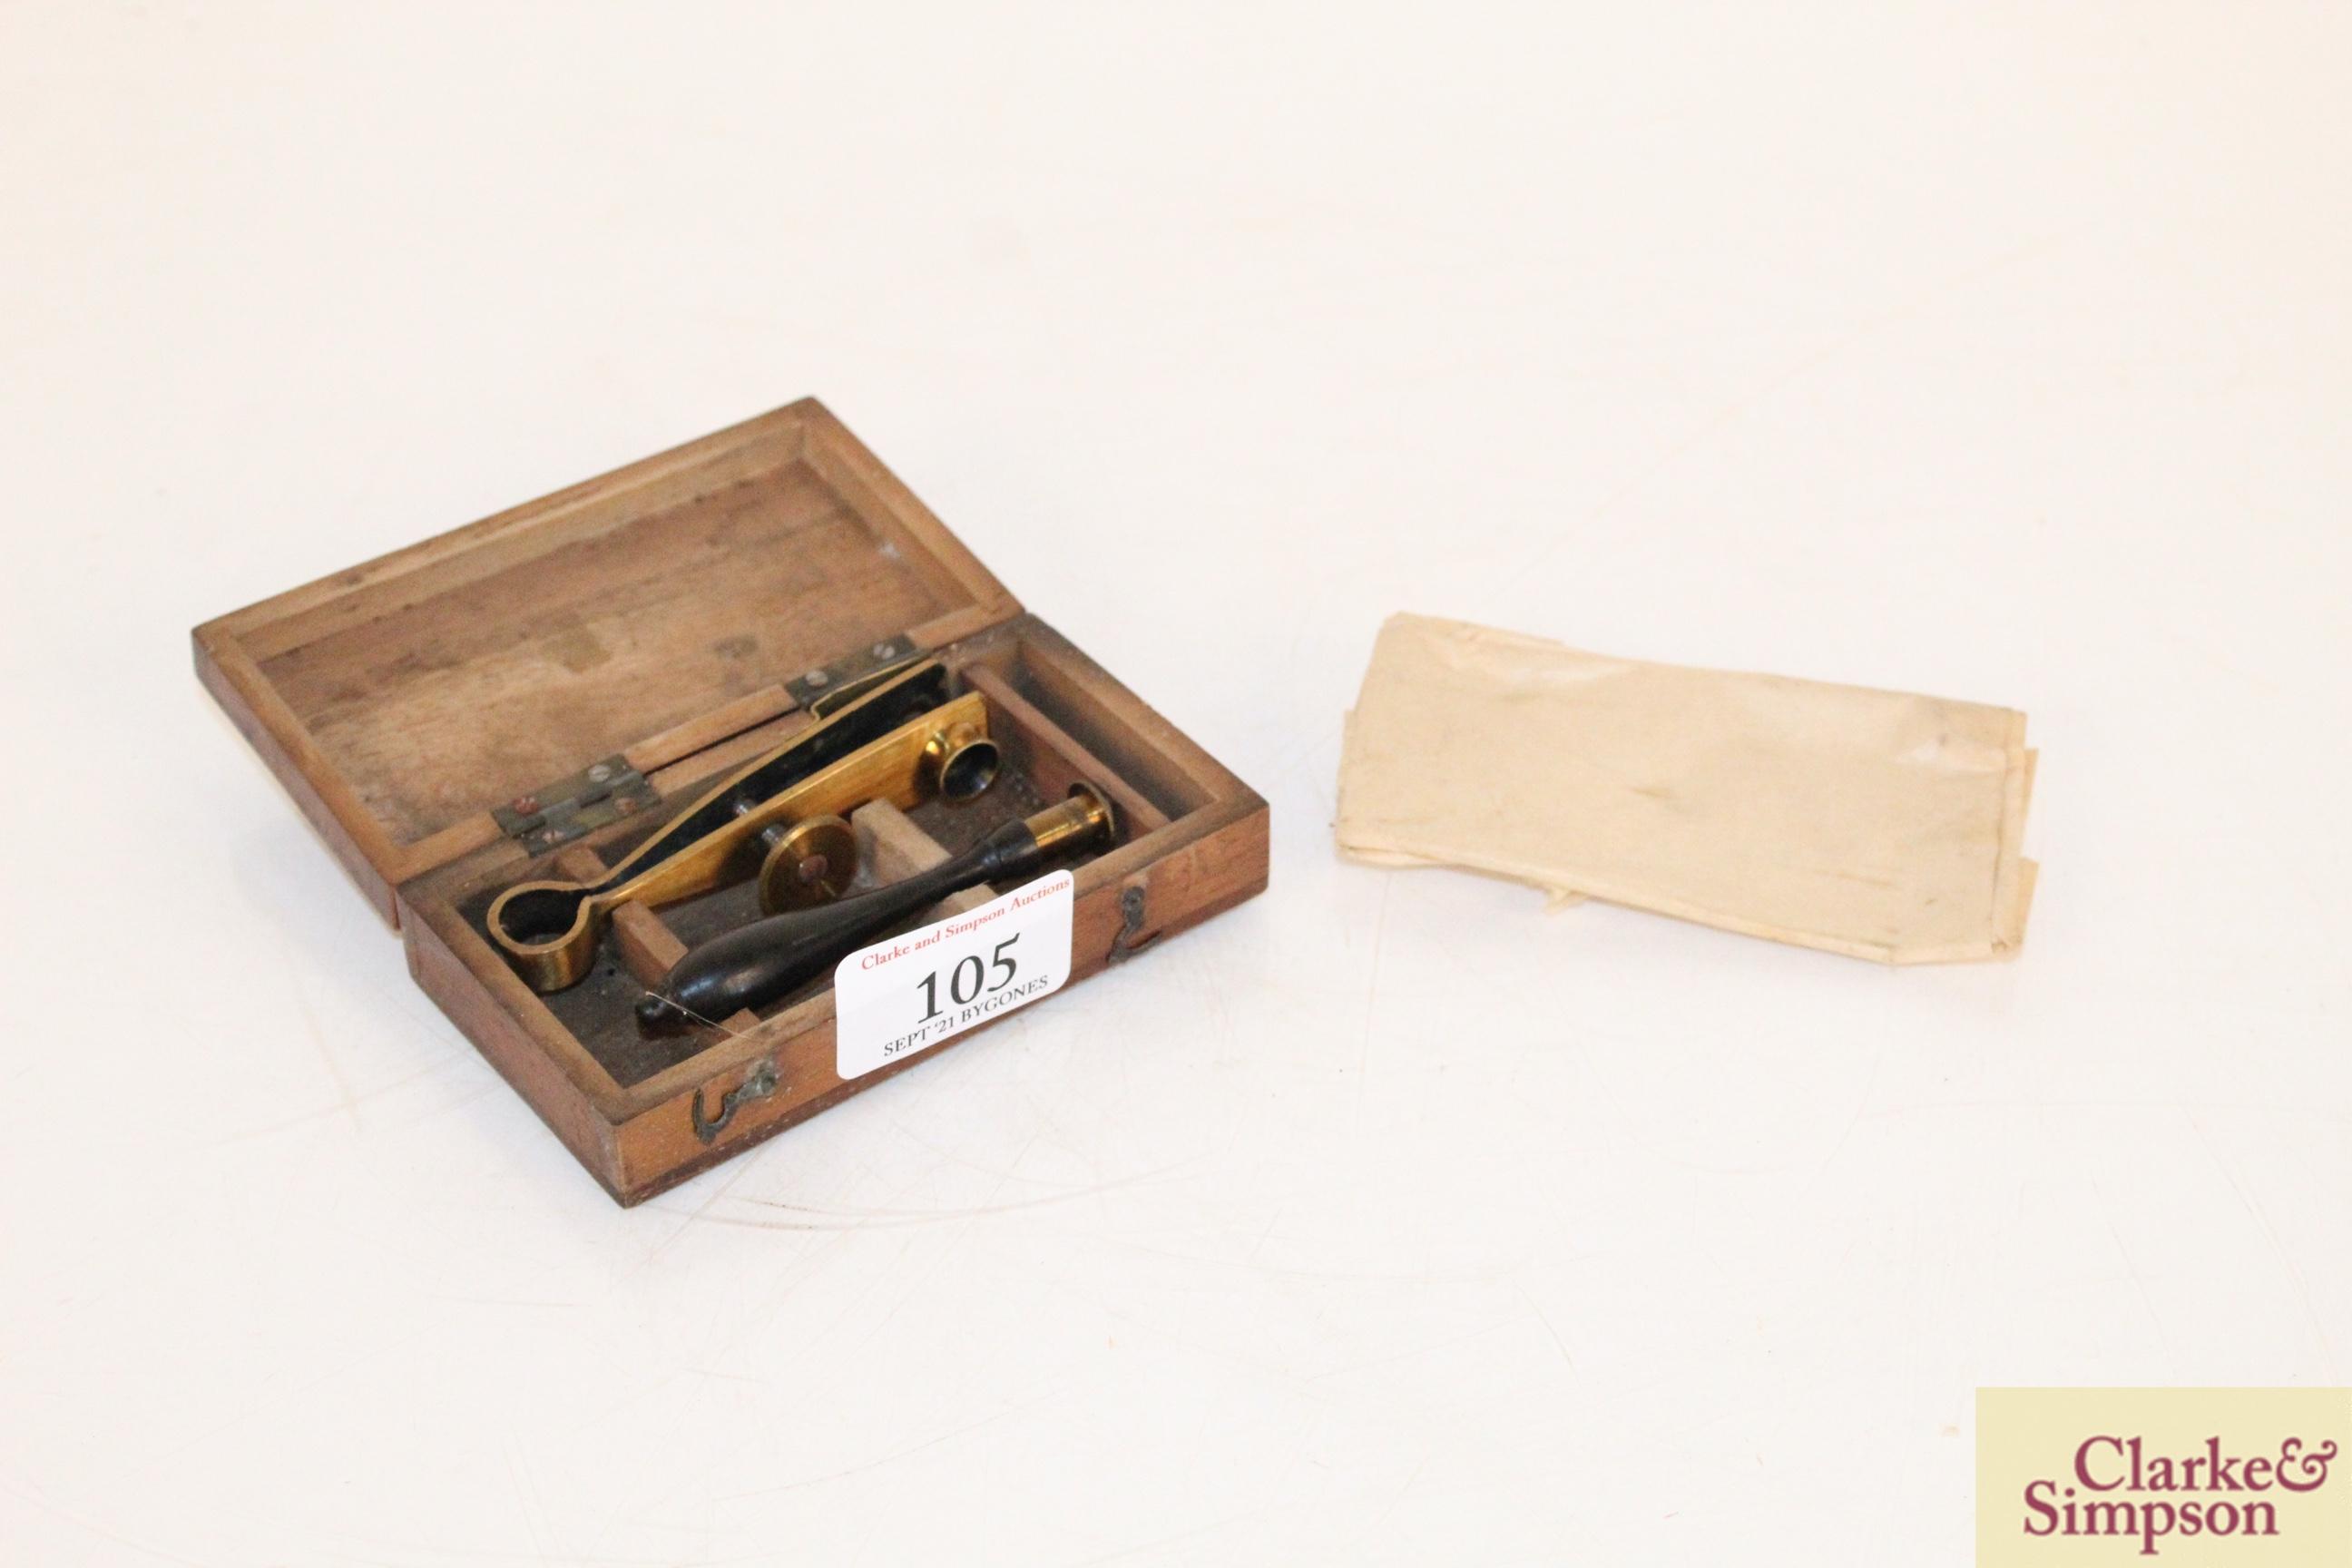 An unusual miniature hand held slide viewer in original box